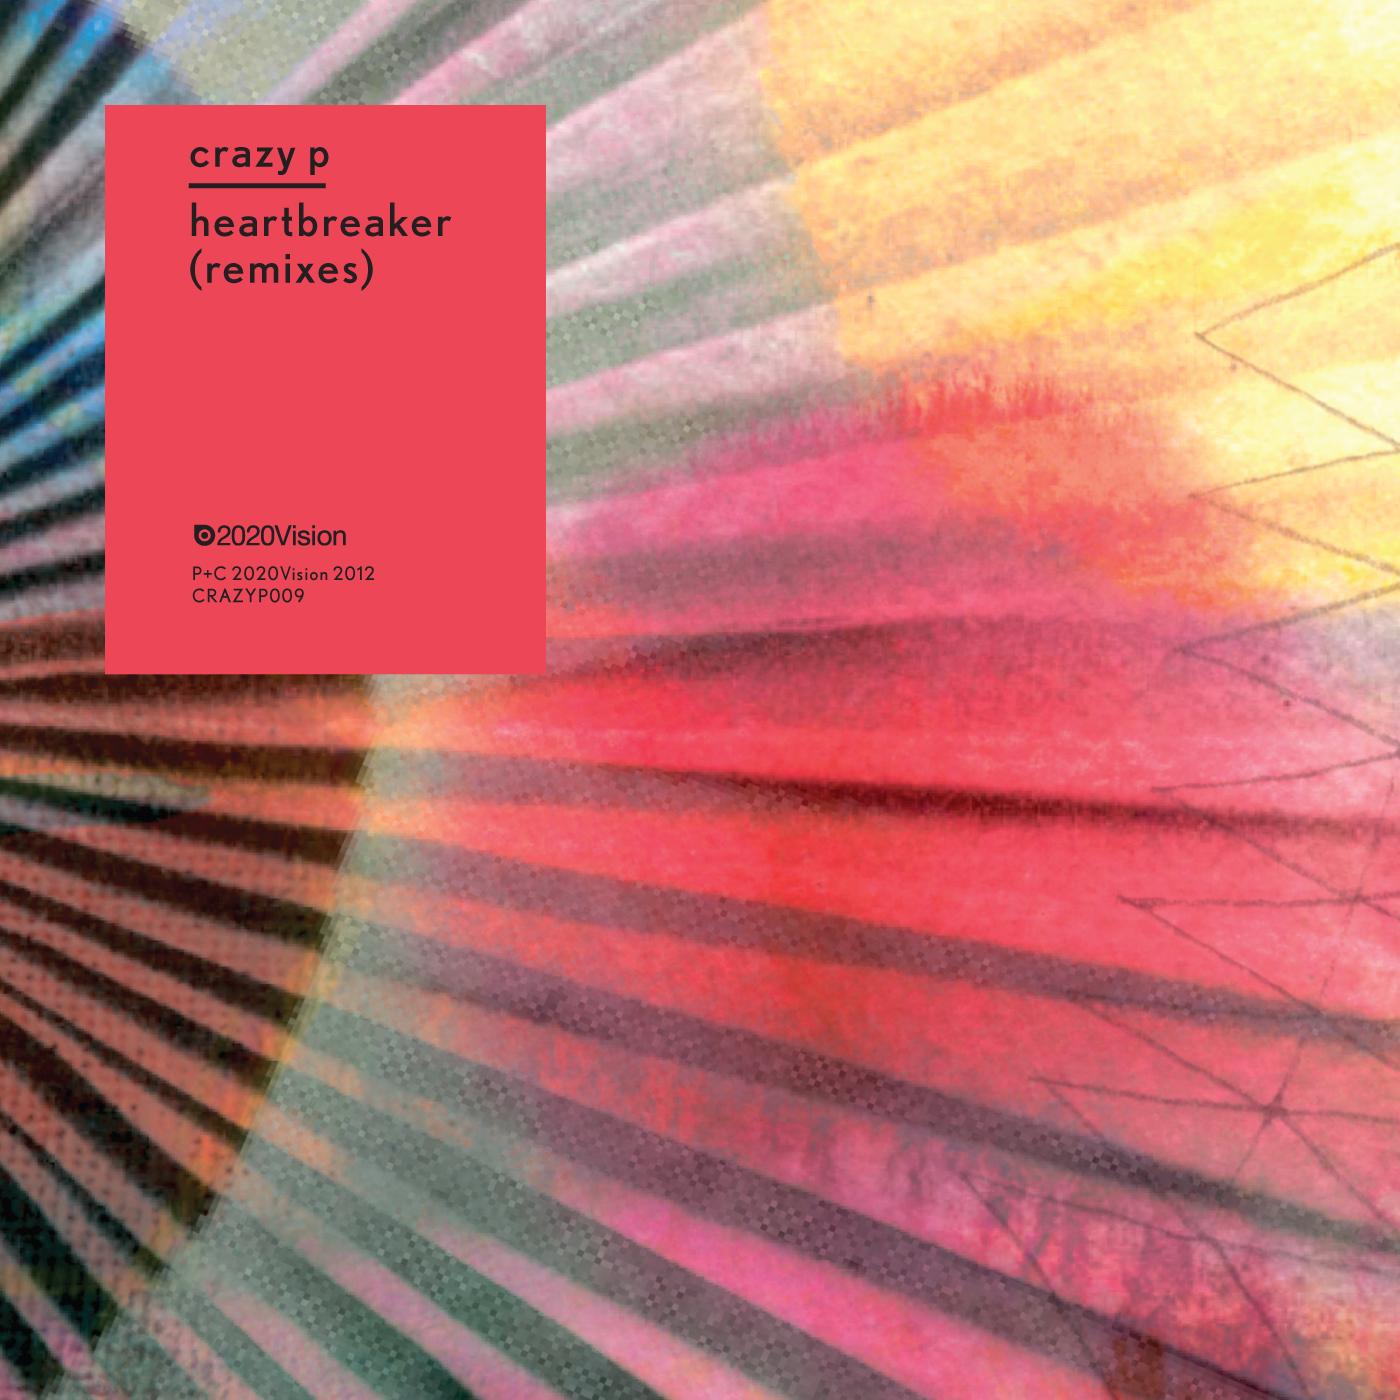 Heartbreaker Remixes - Crazy P